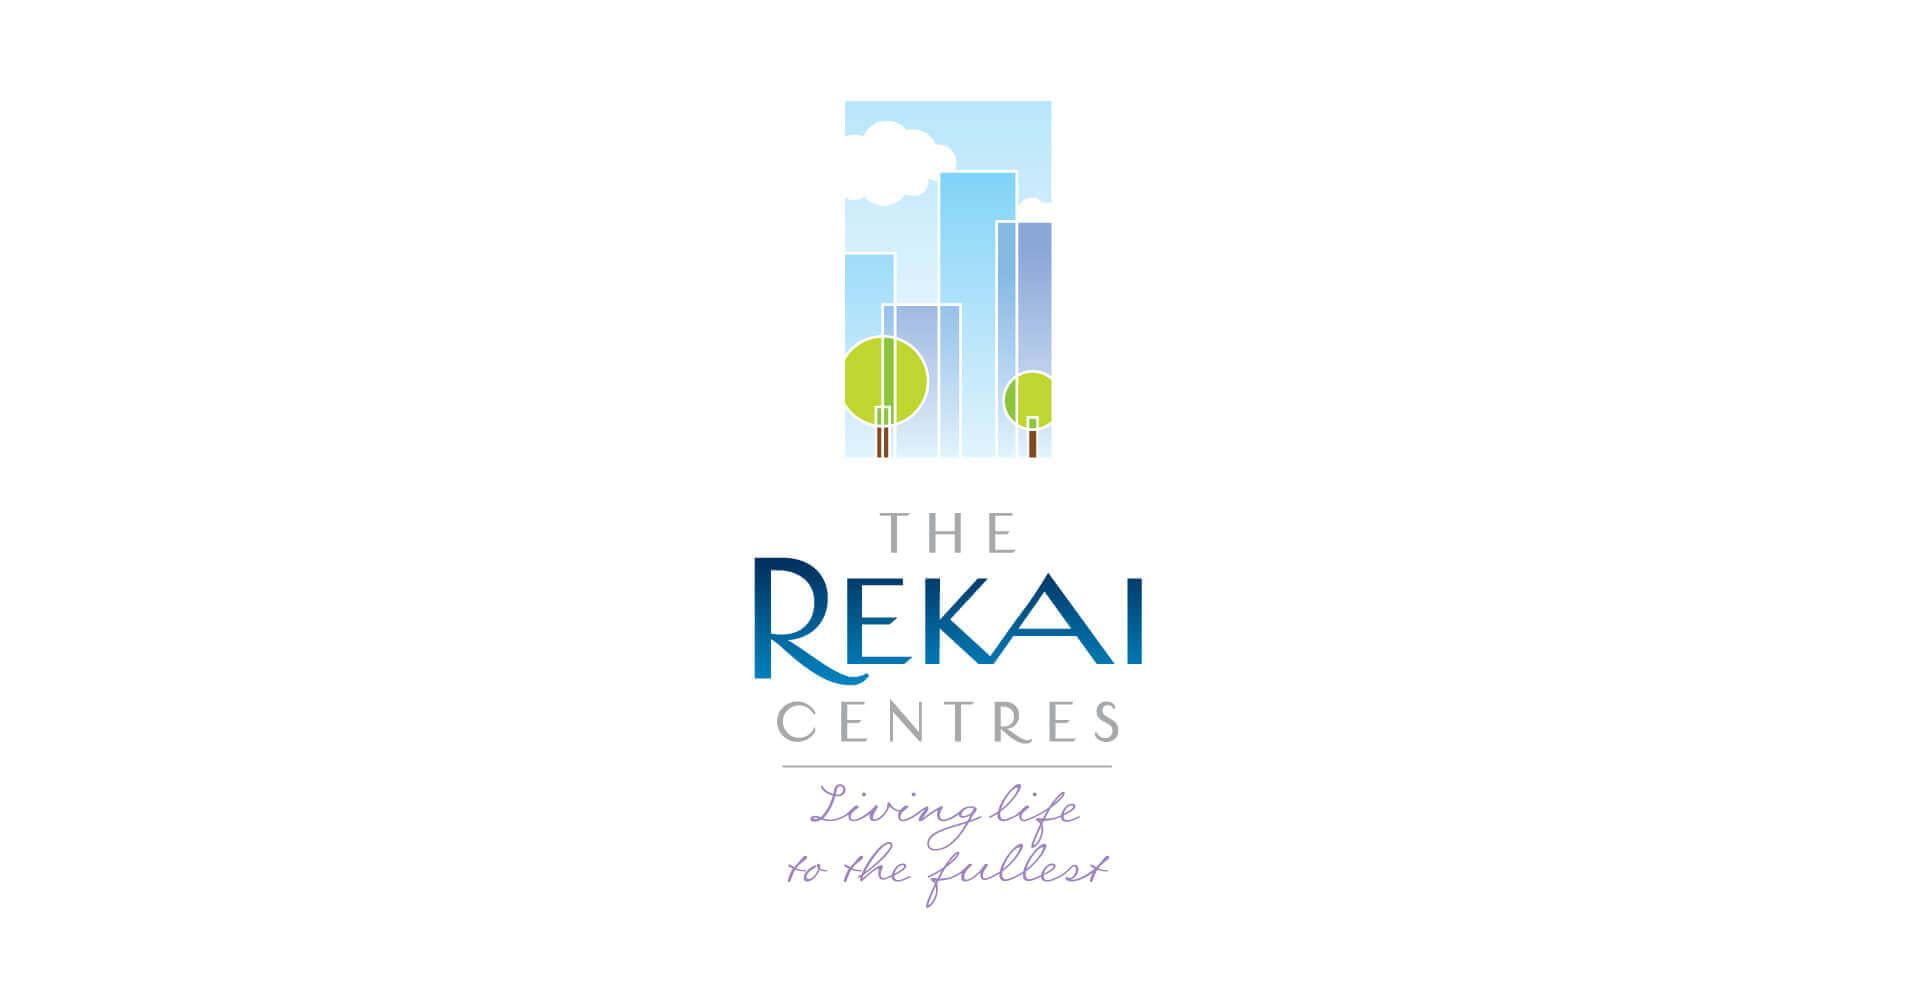 Rekai Centres